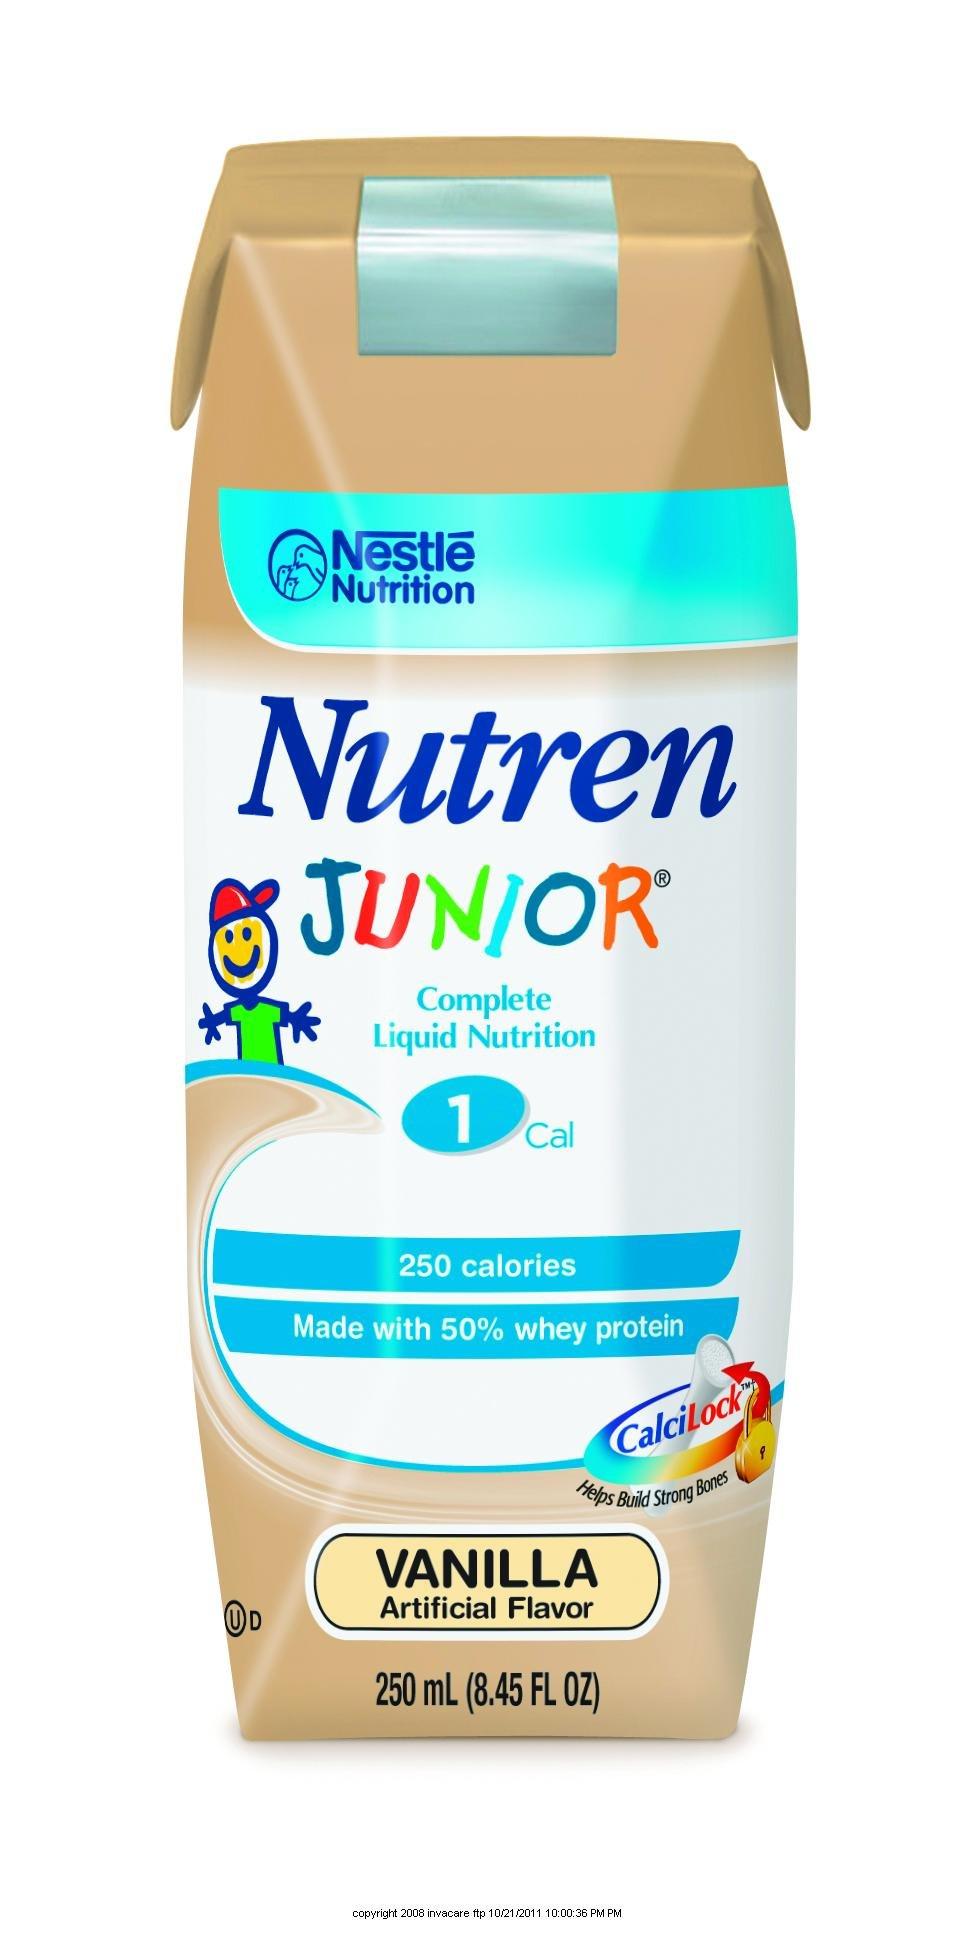 Nutren Junior , Nutren Jr Van Liq Nut-N 250 ml, (1 CASE